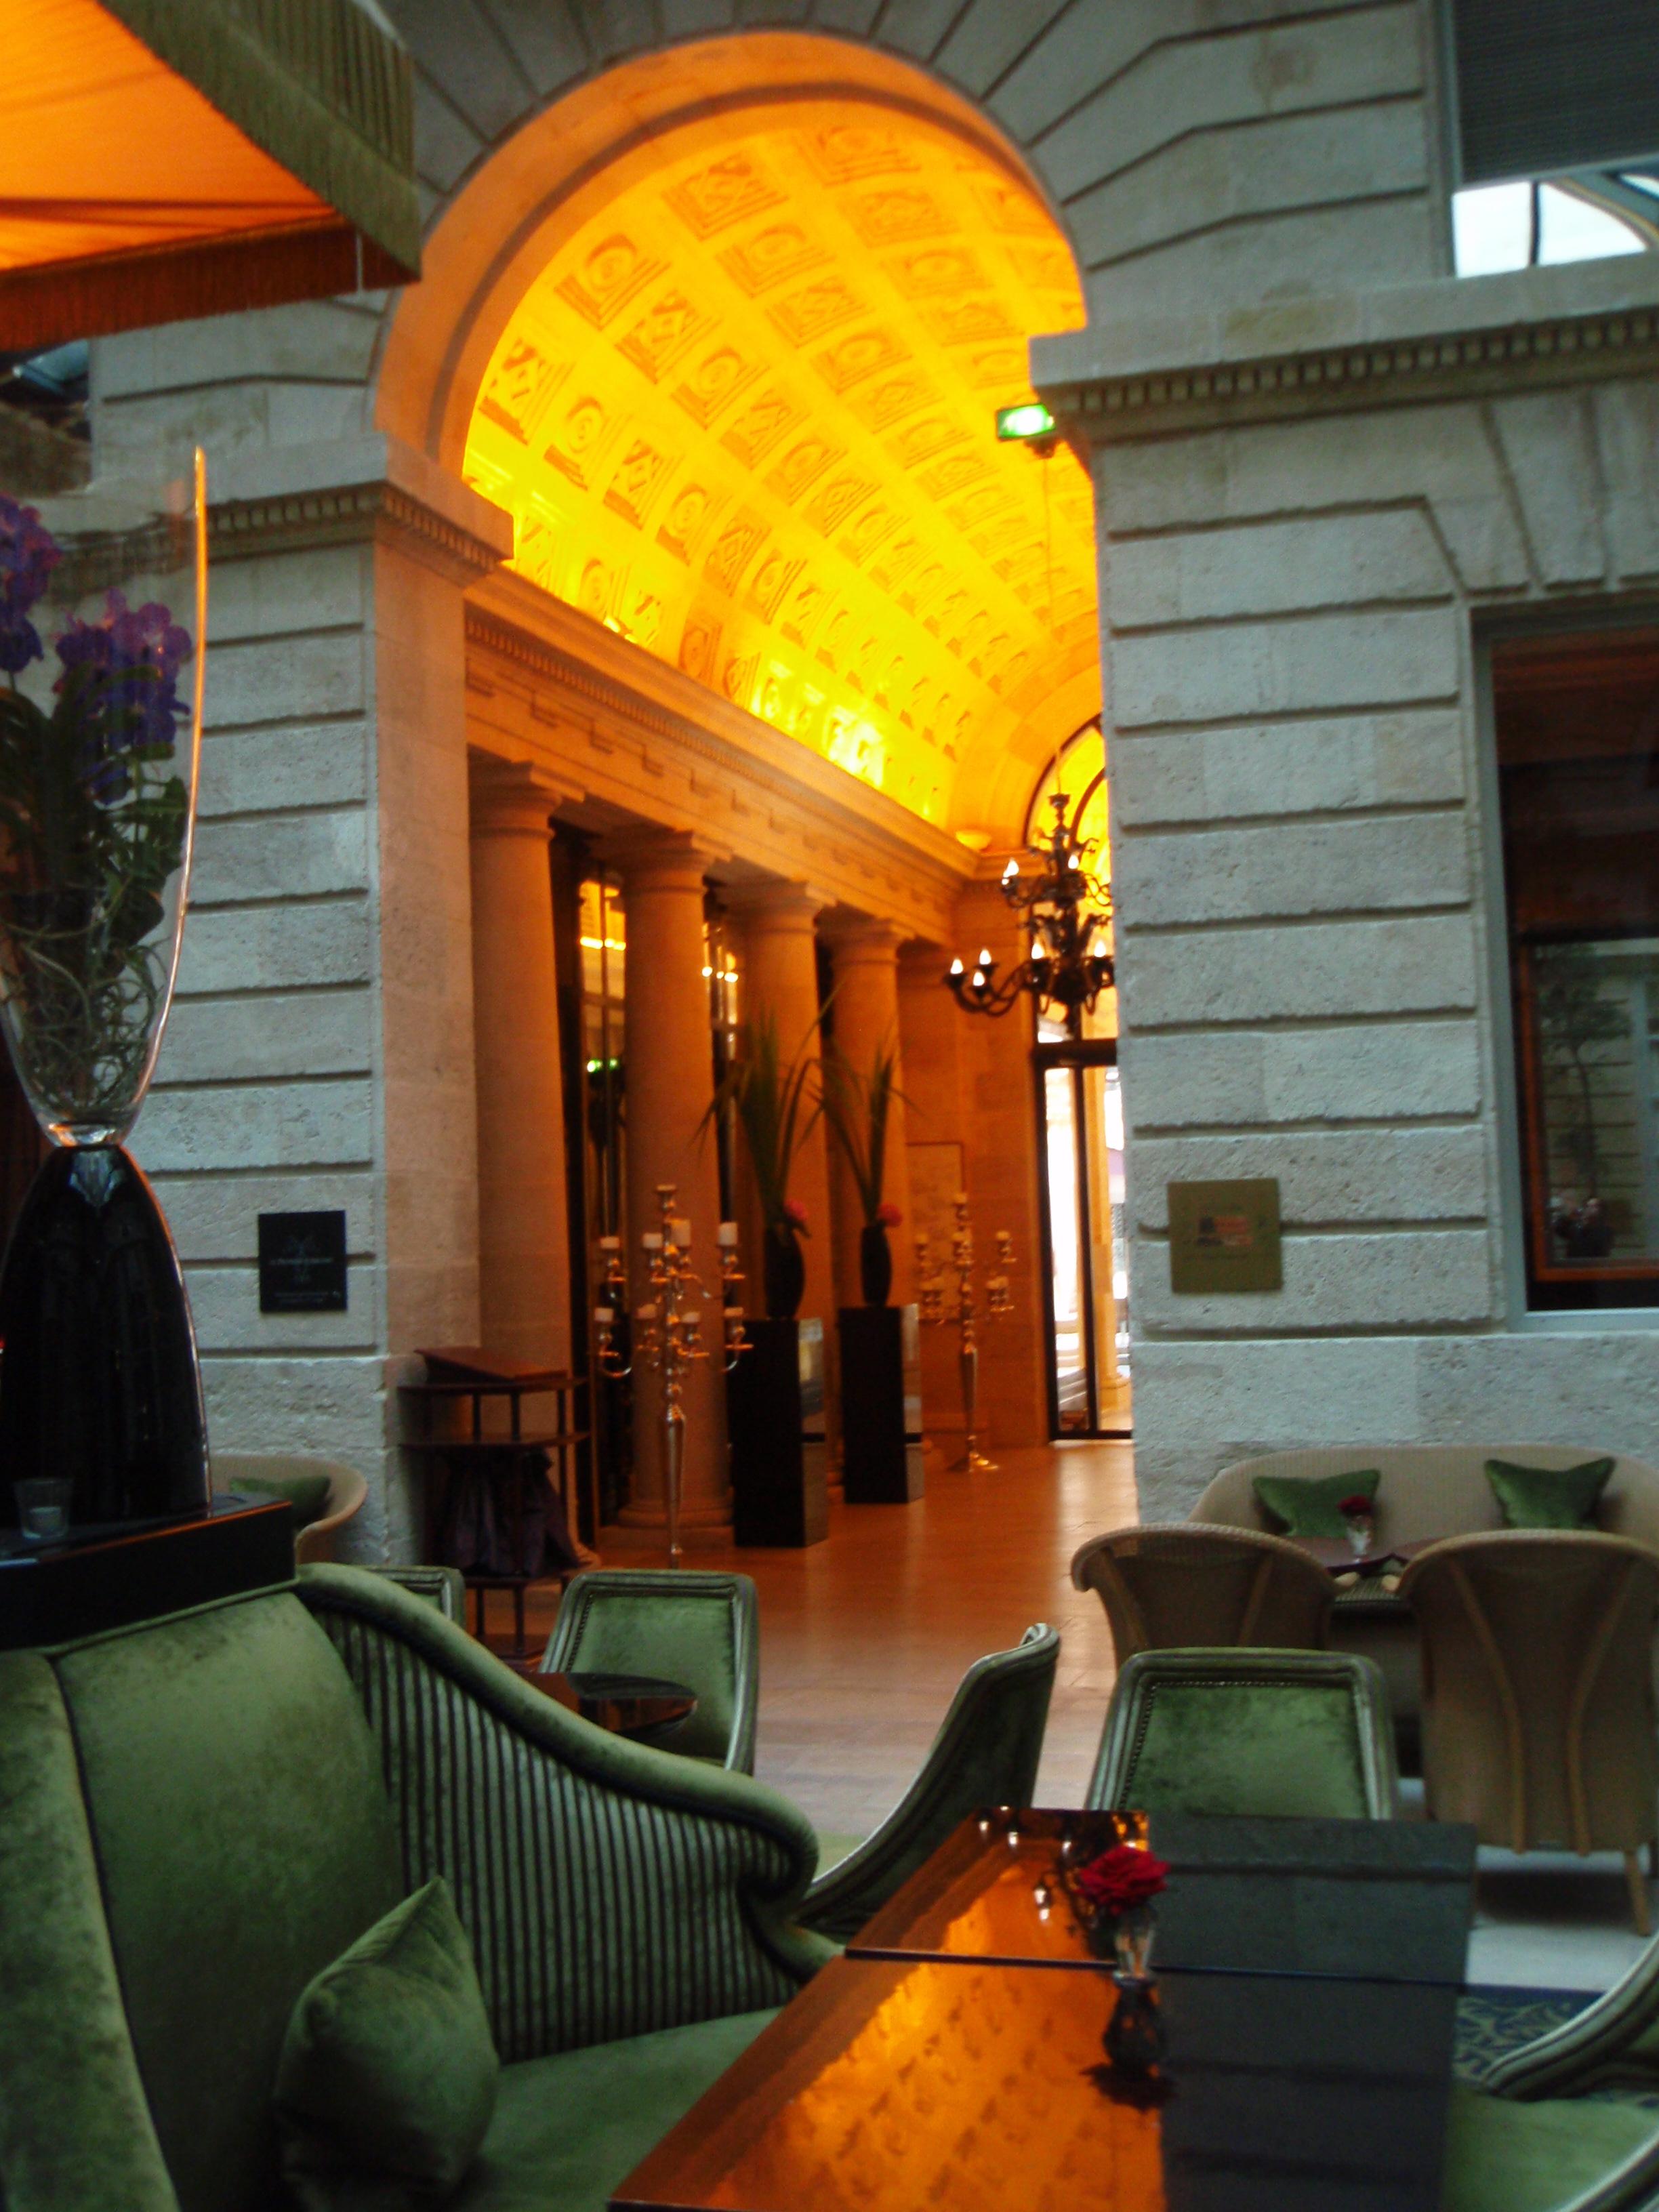 Architecte Interieur Bordeaux file:bordeaux - the regent grand hotel bordeaux intérieur 2